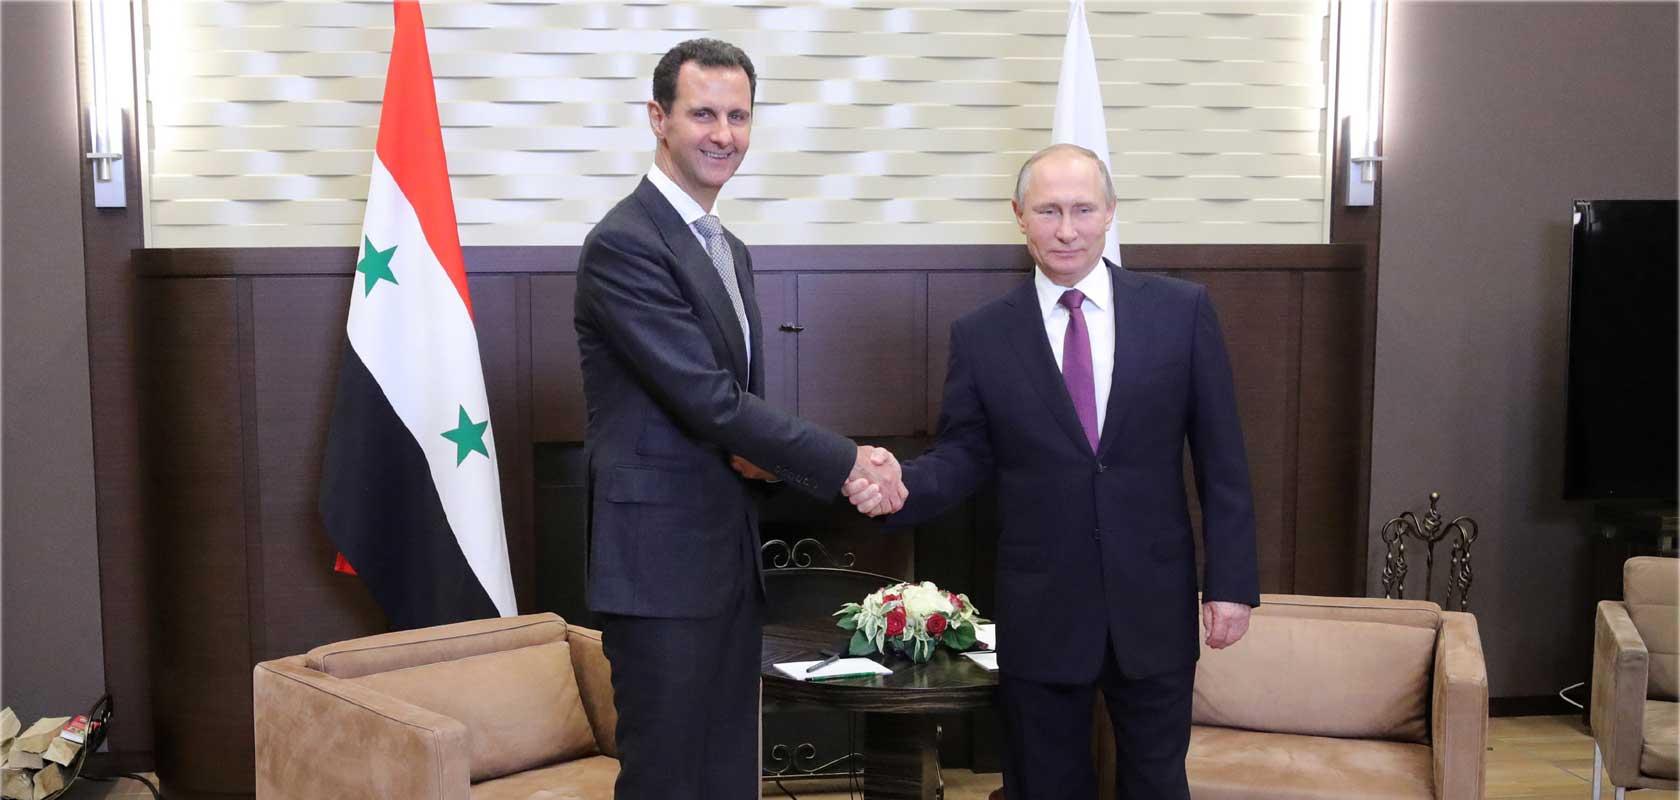 Les présidents Syrien et Russe lors d'une rencontre à Sotchi 21/11/2017